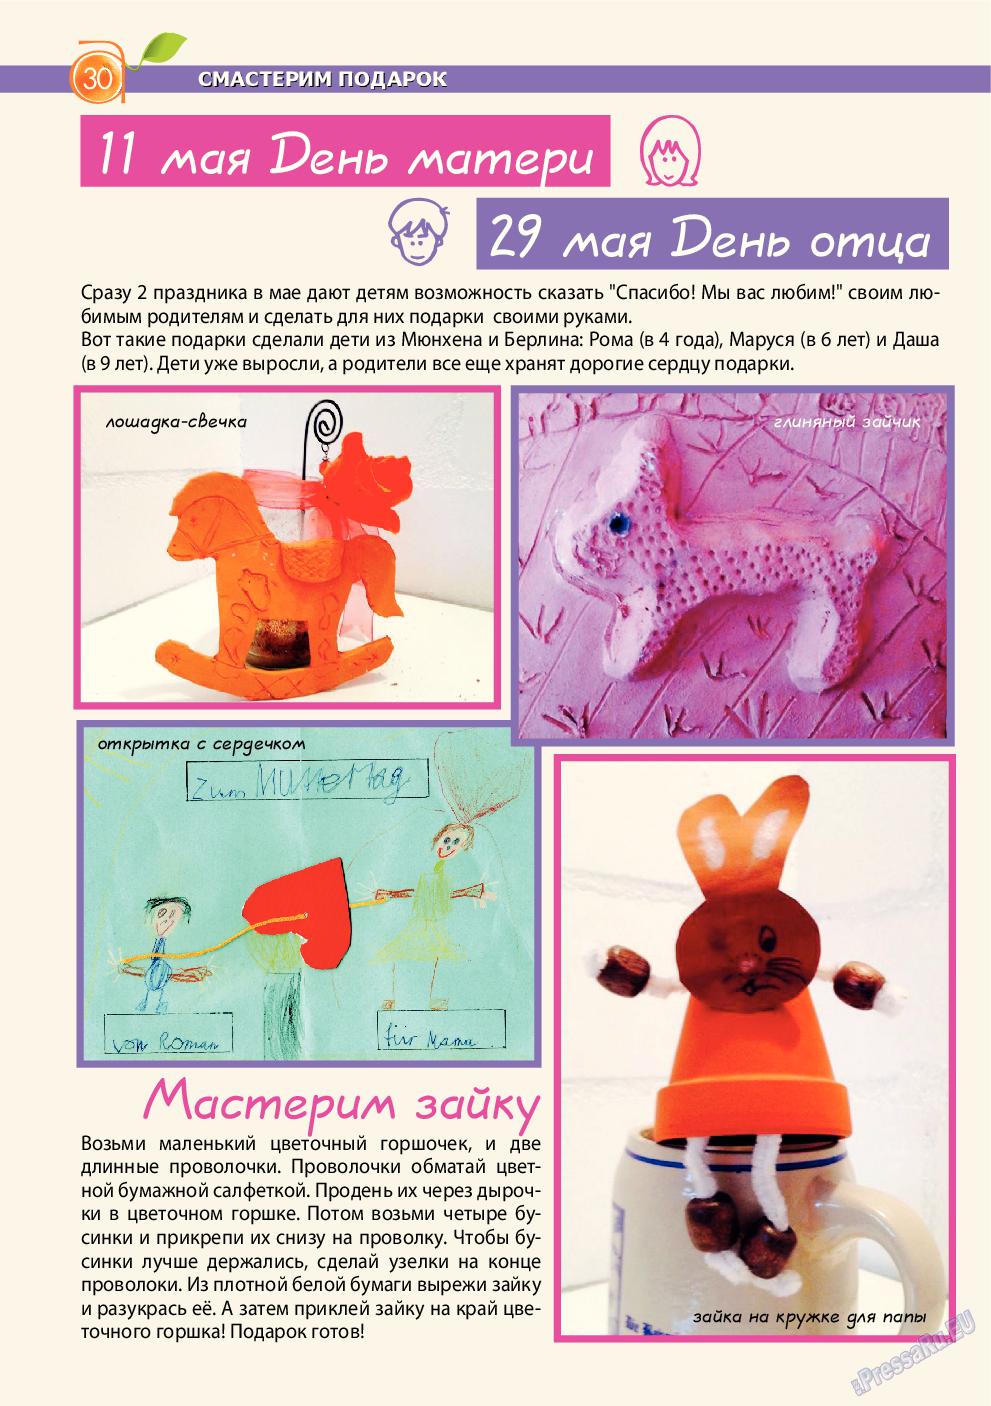 Апельсин (журнал). 2014 год, номер 58, стр. 28